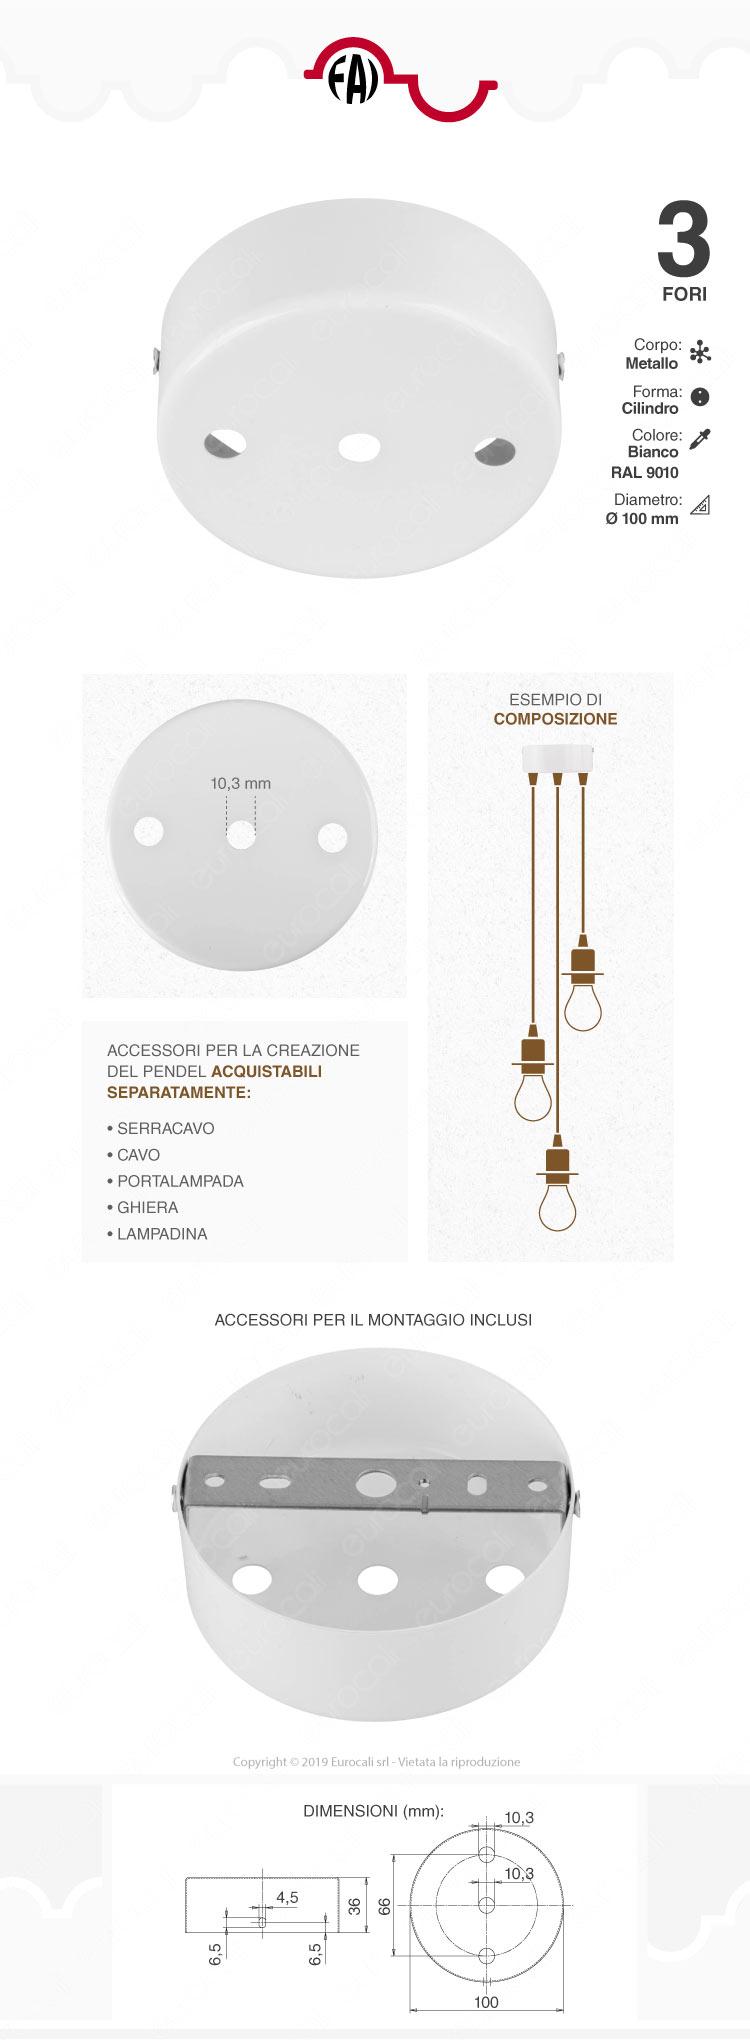 FAI Rosone Cilindrico in Metallo 3 Fori Colore Bianco Lucido